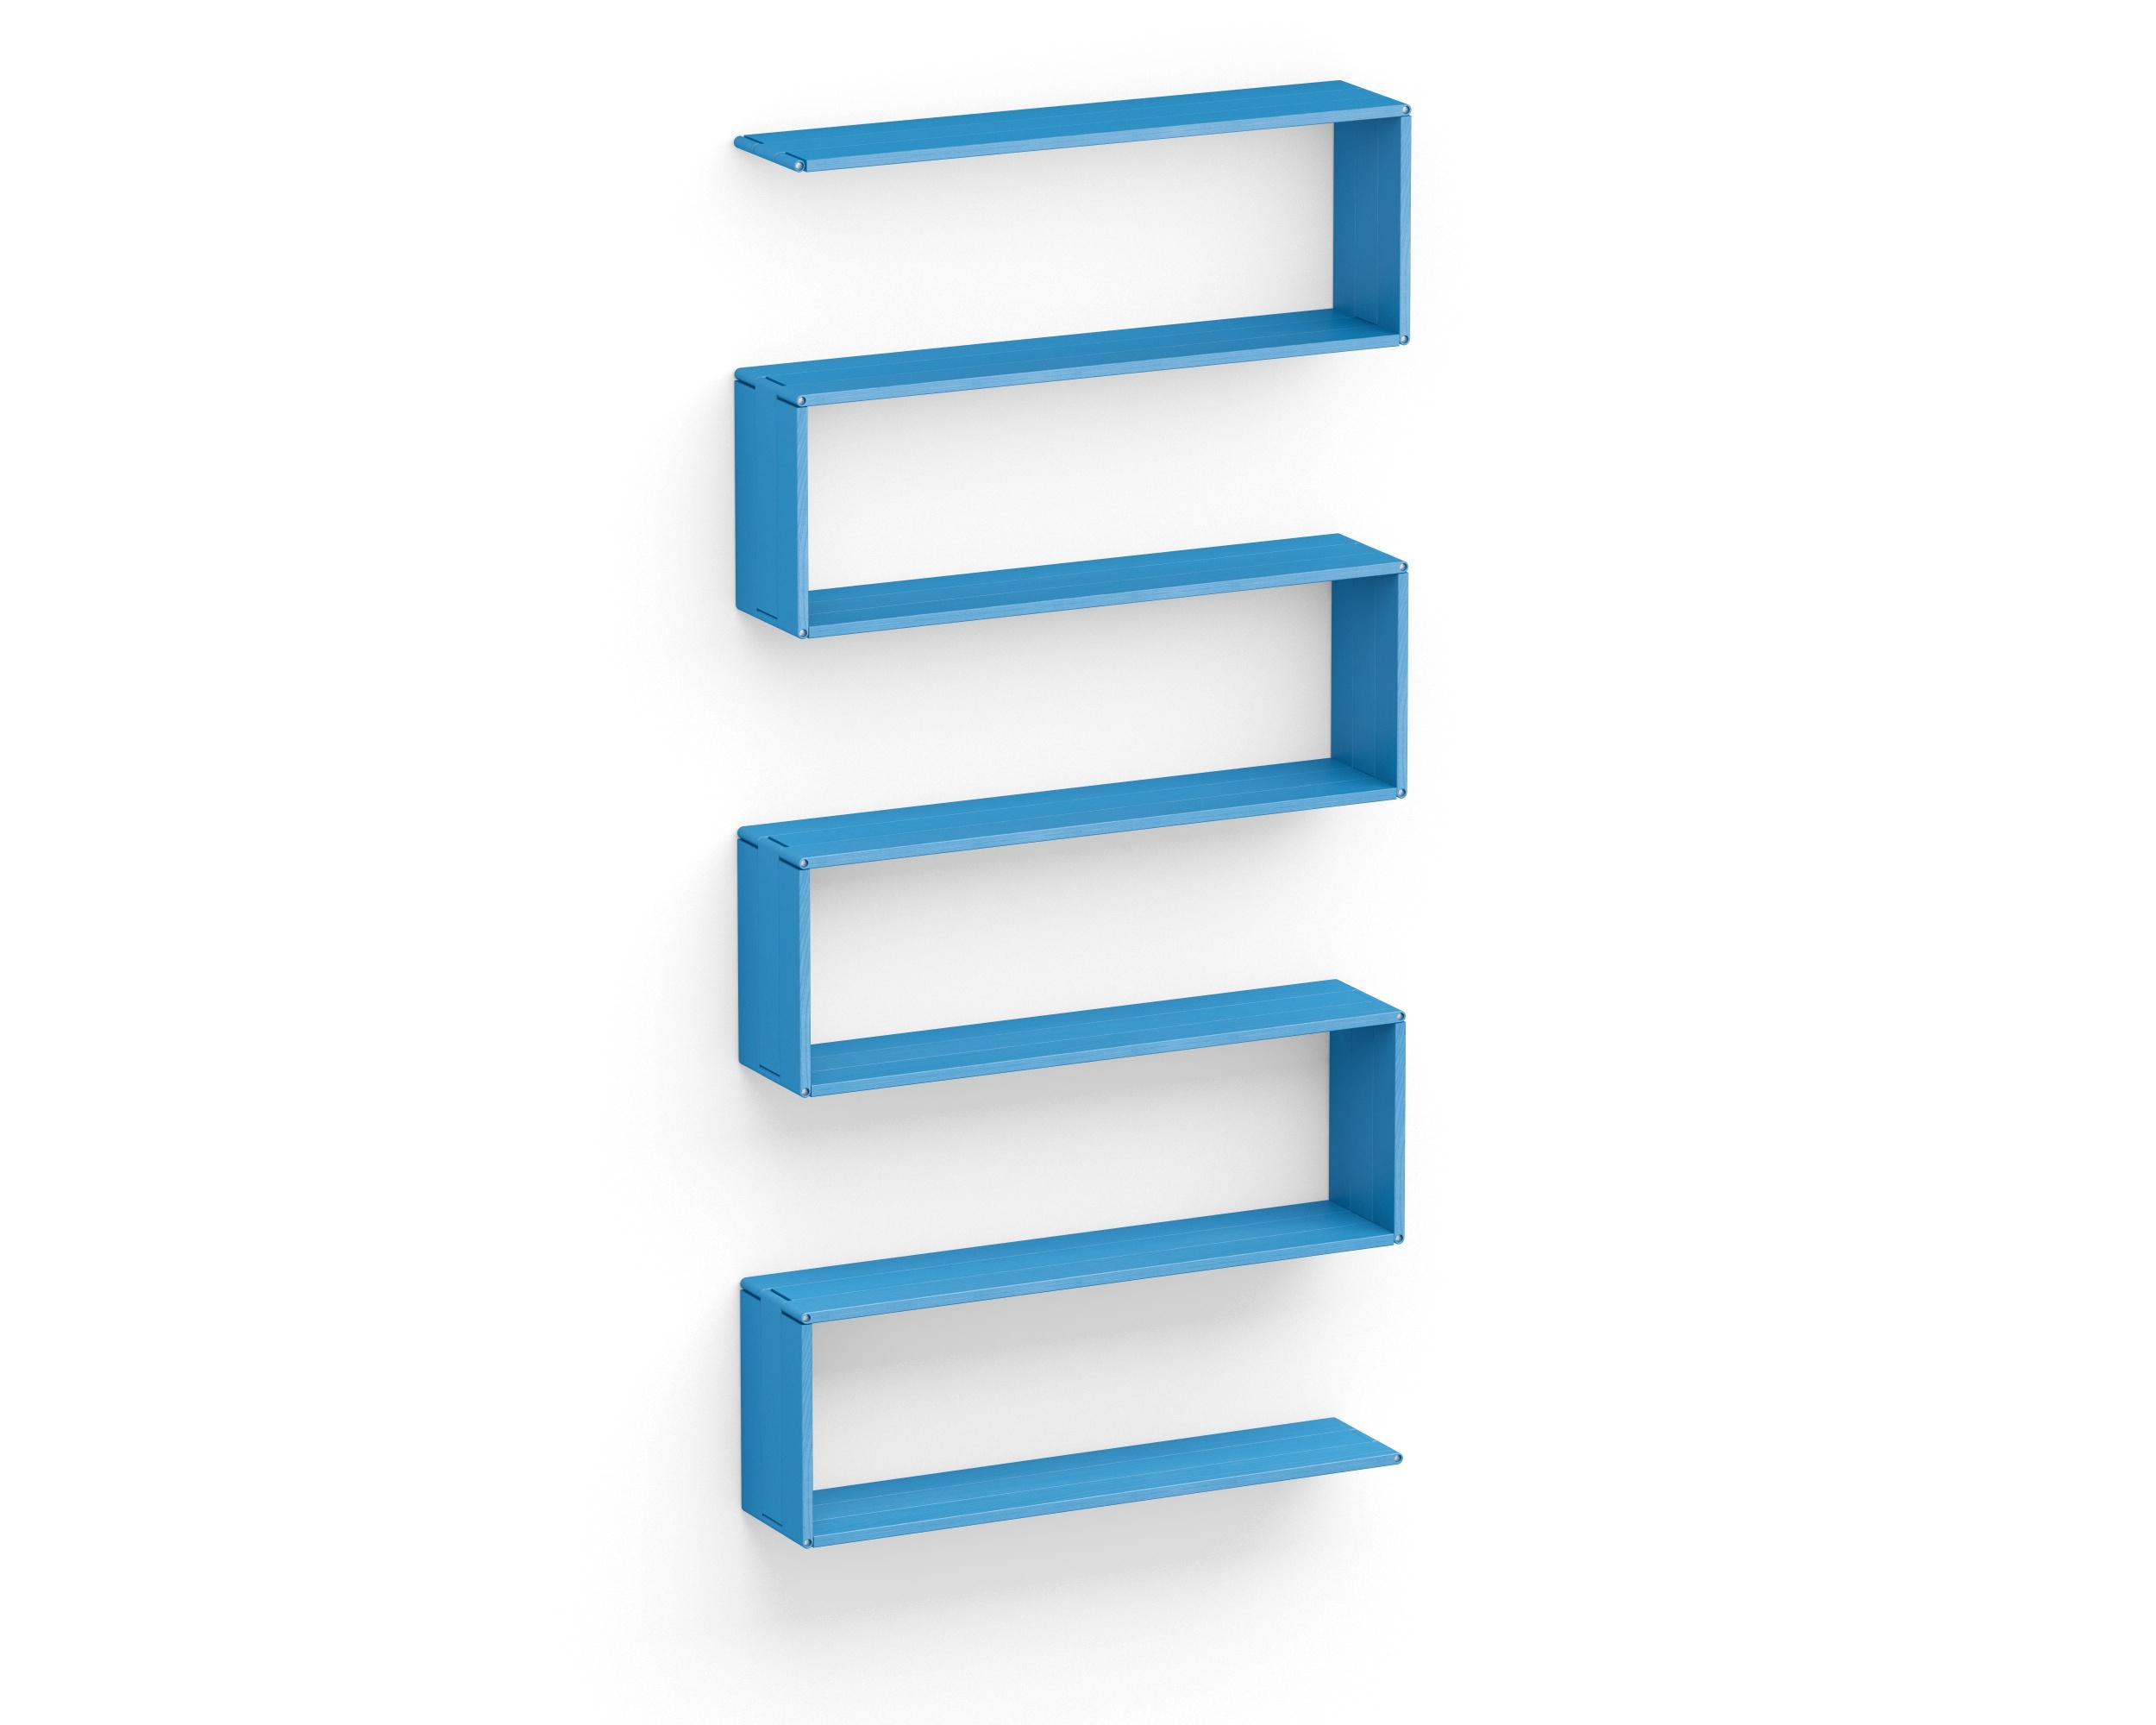 Полка-конструктор Flex Shelf 98Полки<br>цвет: натуральный ясень, красный, оранжевый, зеленый, голубой, сиреневый, белый, черный<br><br>Material: Ясень<br>Width см: 102<br>Depth см: 212<br>Height см: 22